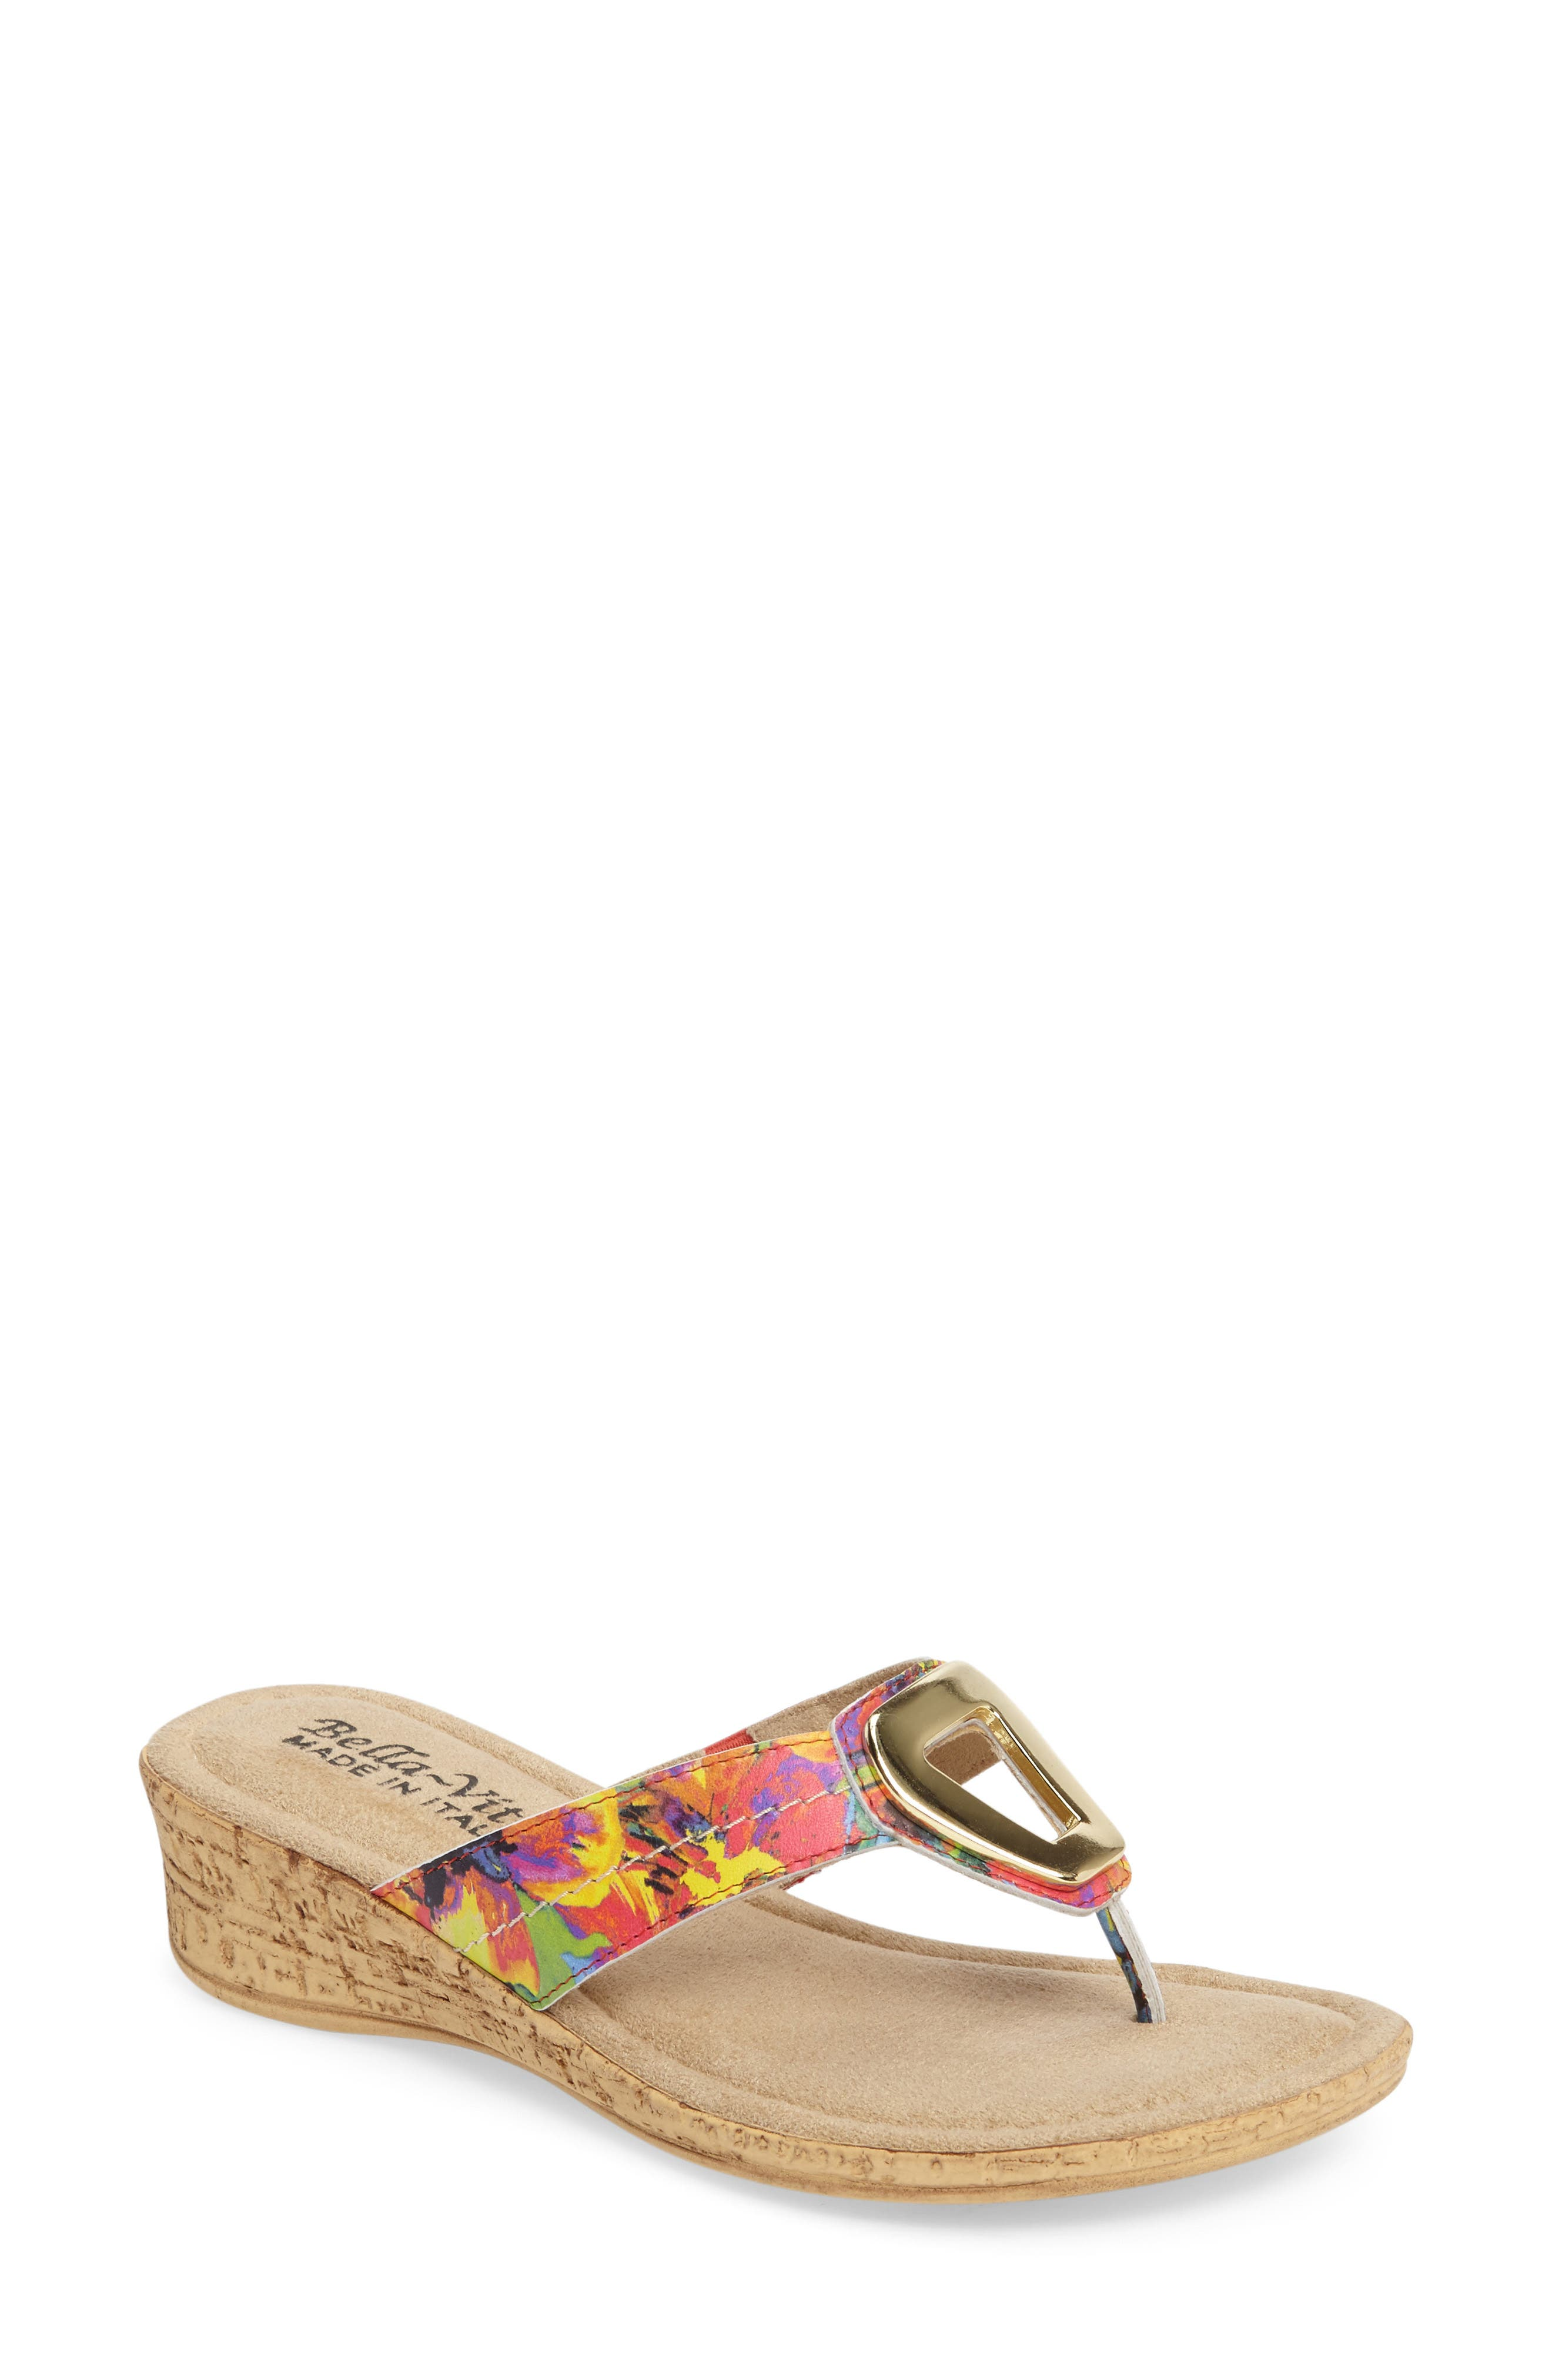 Lou Sandal,                         Main,                         color, Floral Leather